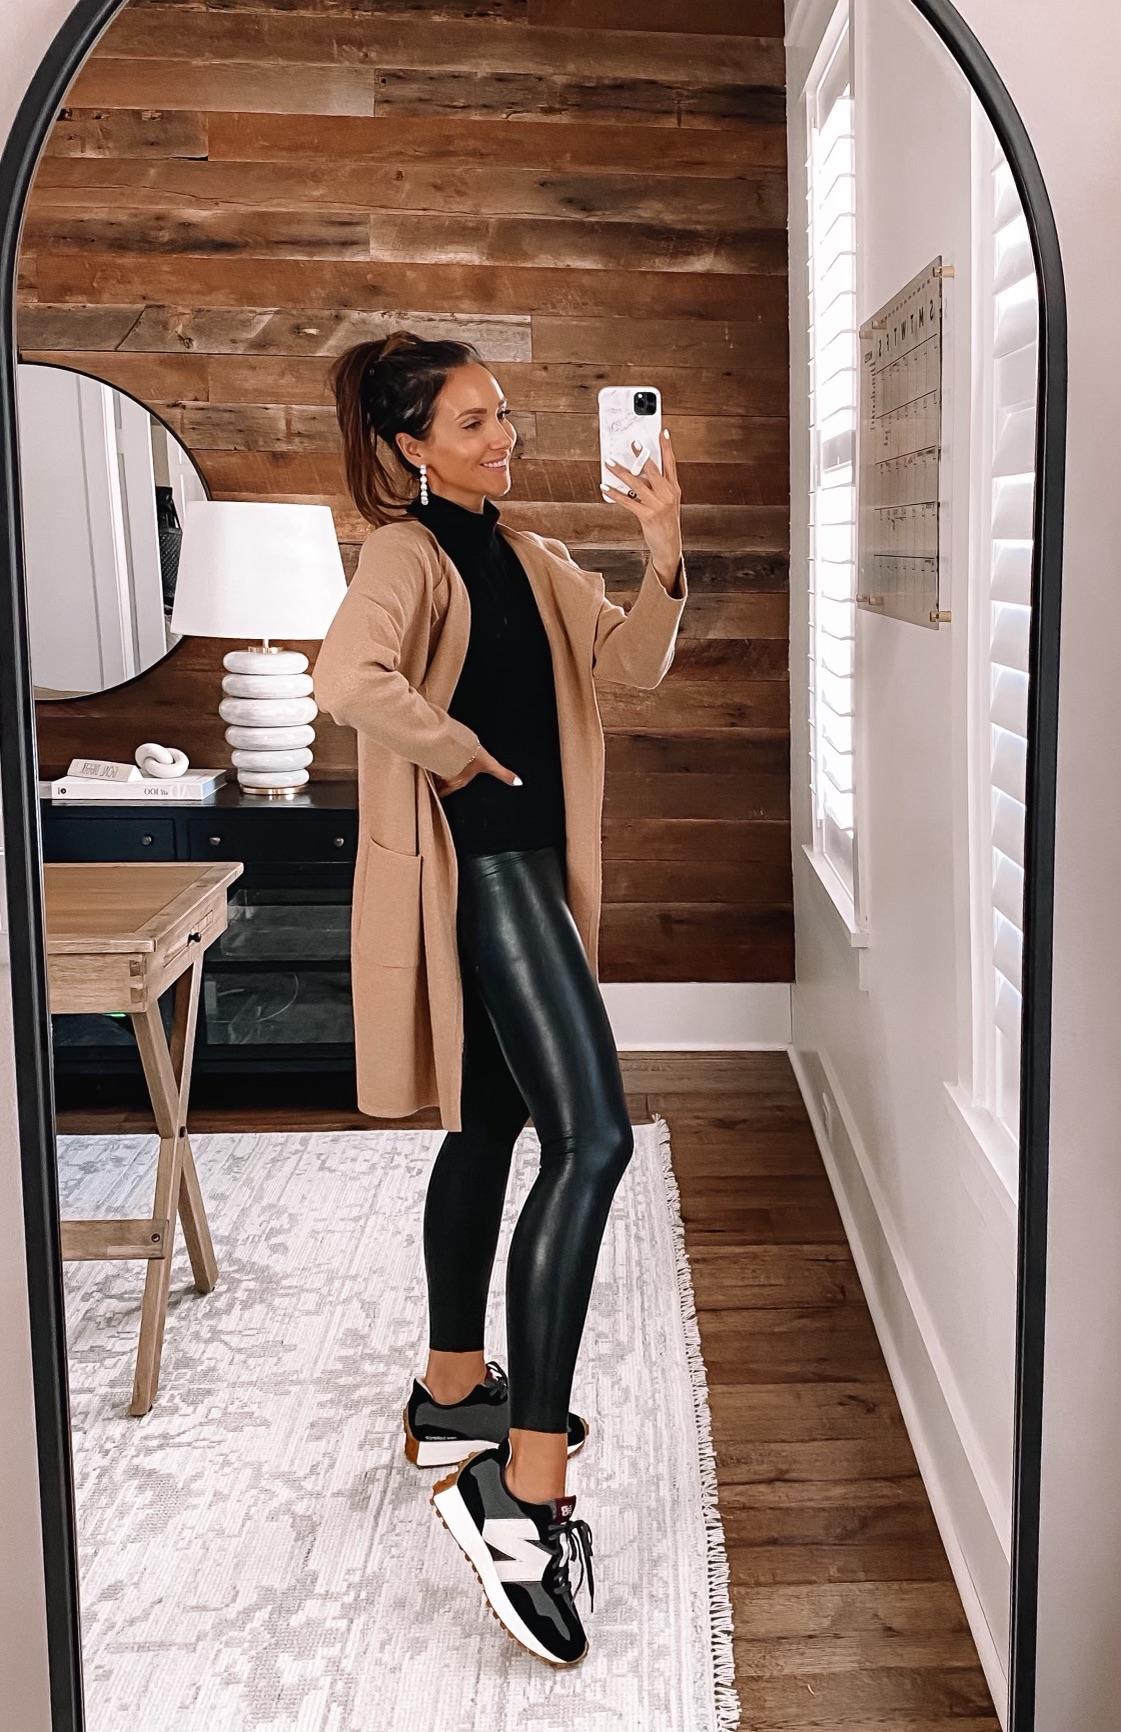 jcrew juliette sweater blazer with faux leather leggings